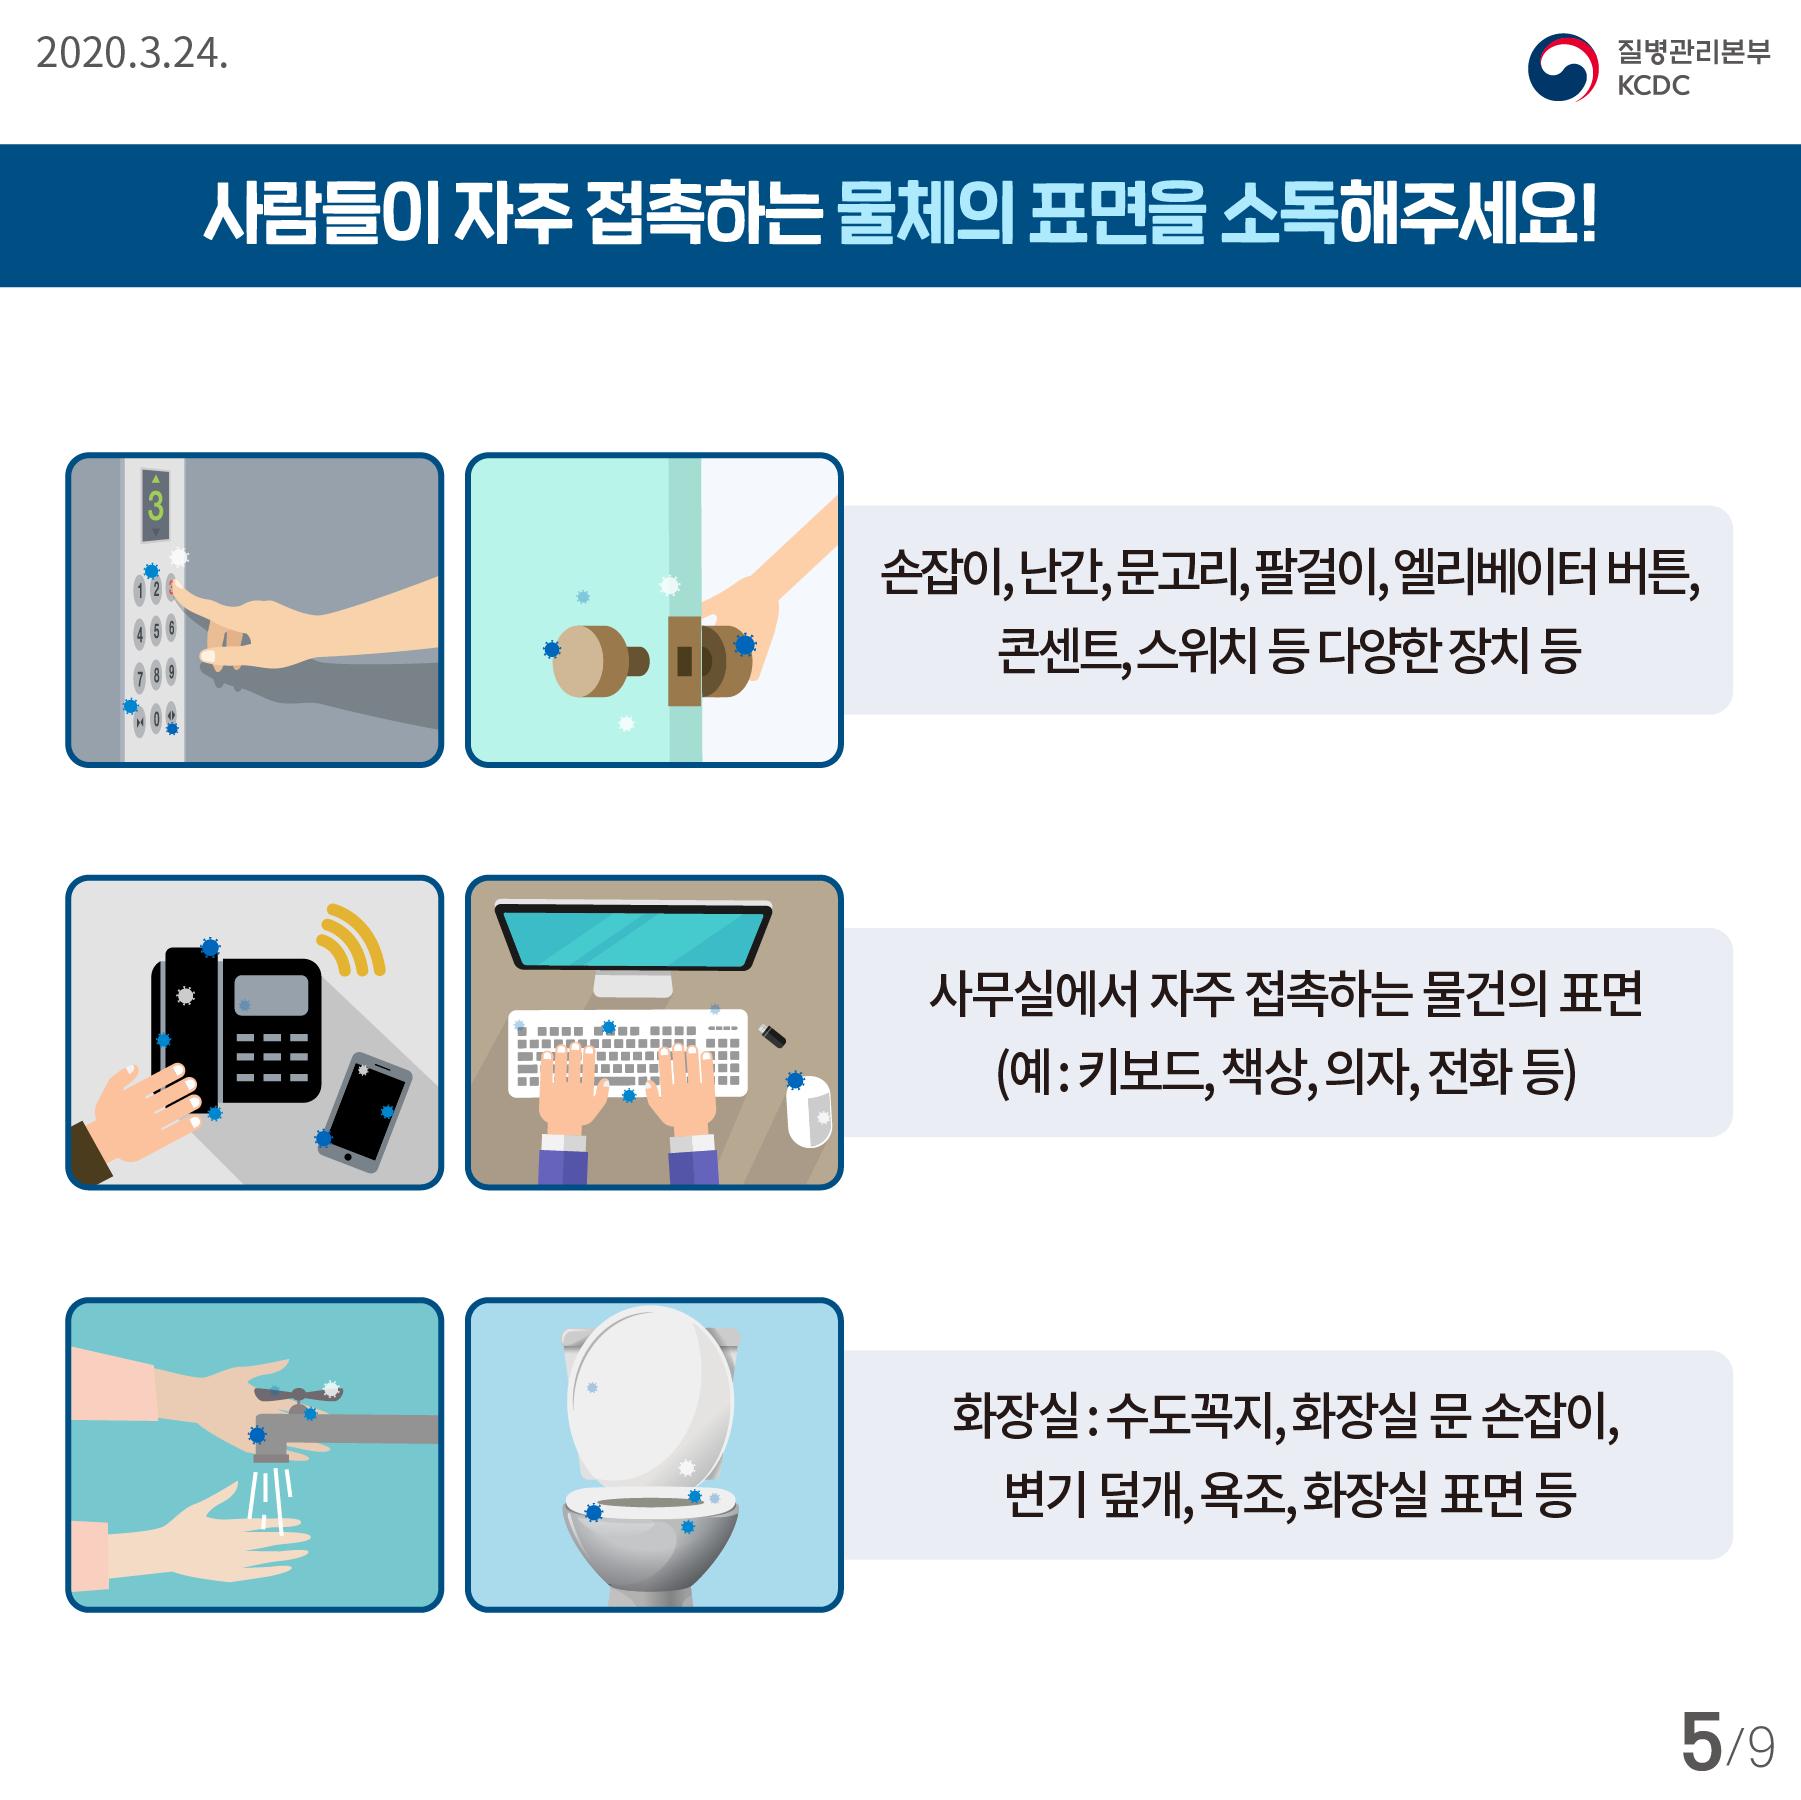 2020.3.24  질병관리본부 KCDC  사람들이 자주 접촉하는 물체의 표면을 소독해주세요!  손잡이, 난간, 문고리, 팔걸이, 엘리베이터 버튼, 콘센트, 스위치 등 다양한 장치 등  사무실에서 자주 접촉하는 물건의 표면(예:키보드, 책상, 의자, 전화 등)  화장실: 수도꼭지, 화장실 문 손잡이, 변기 덮개, 욕조, 화장실 표면 등